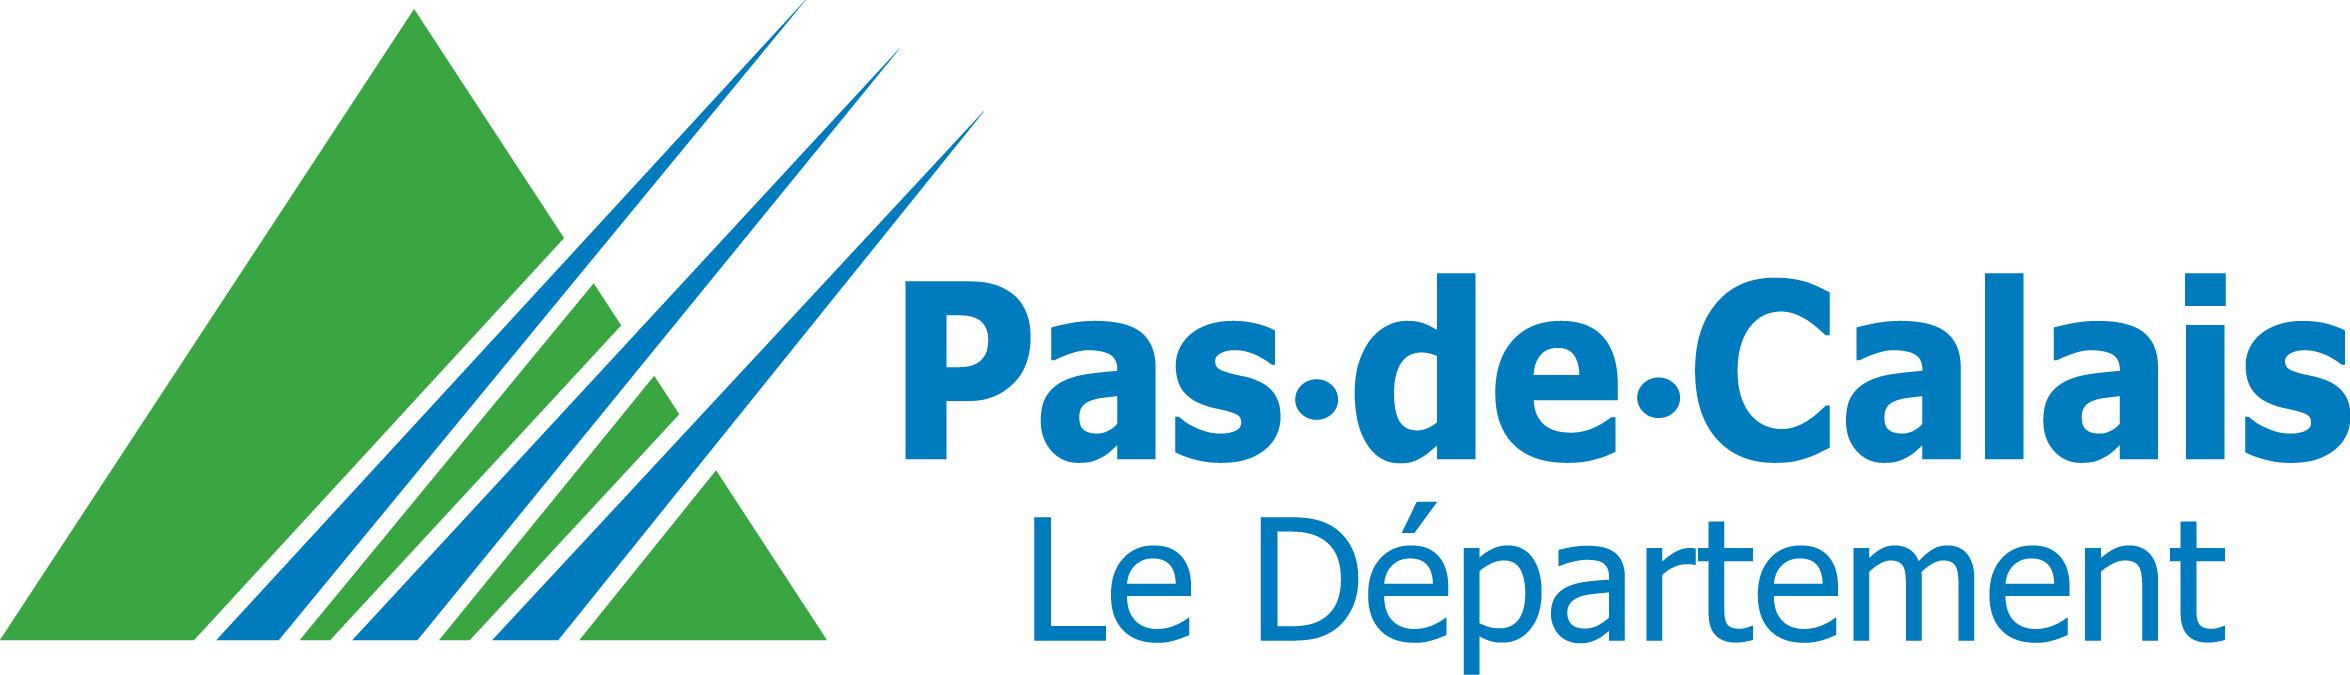 Devis infiltrométrie Pas-de-Calais - 62